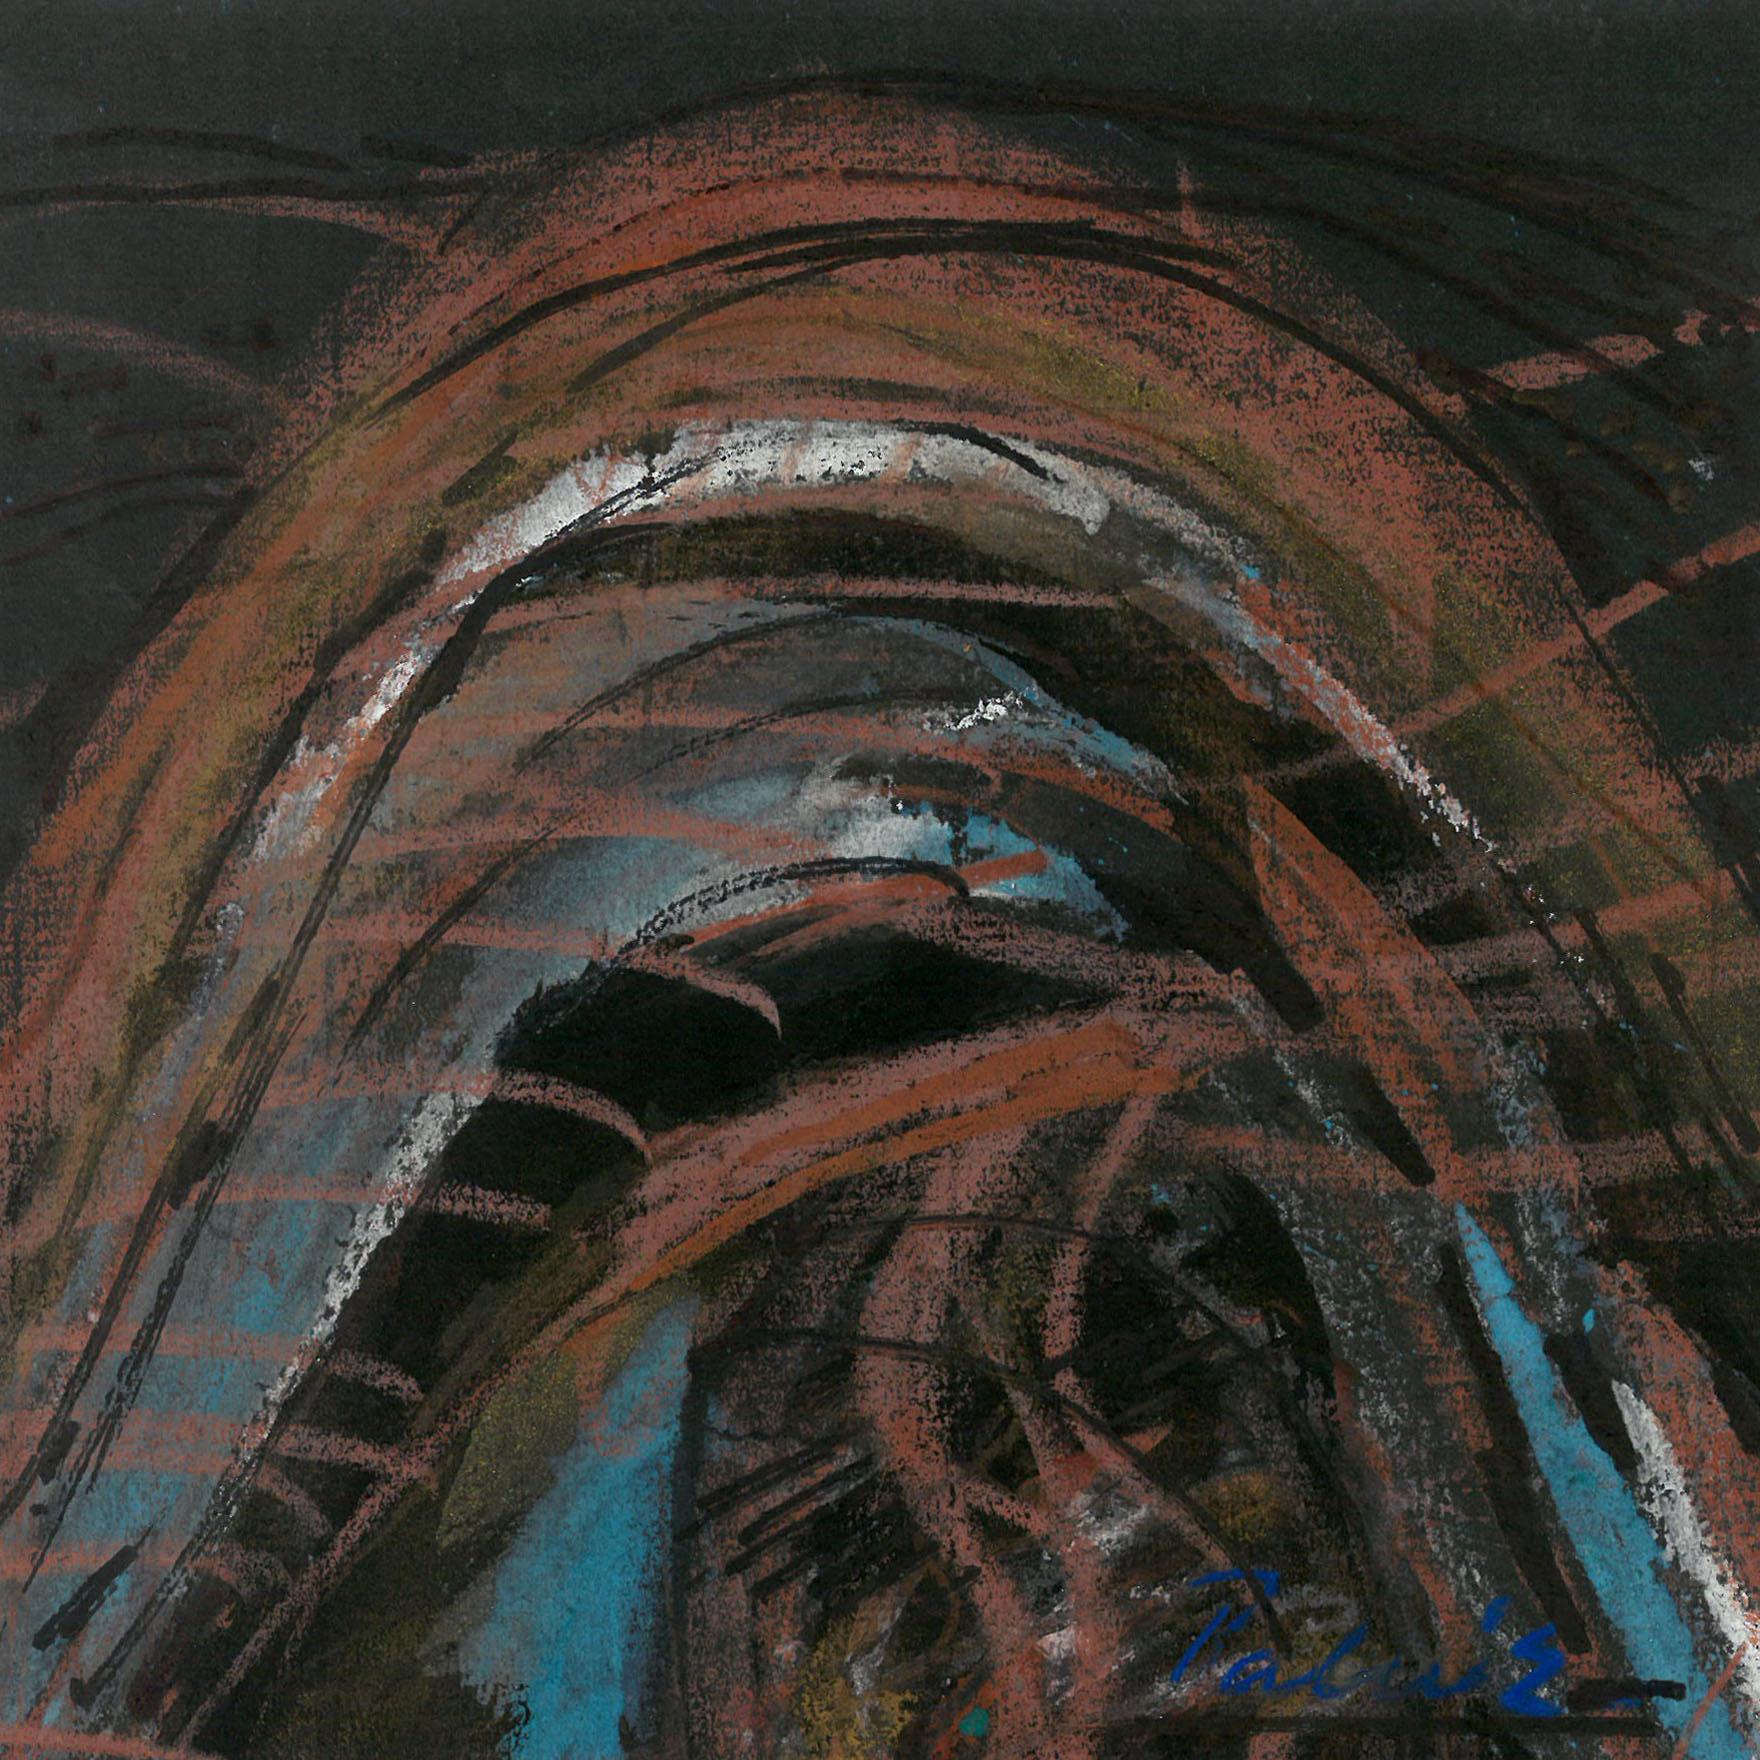 Palkó Ernő • Waving 3 • charcoal • 26×26 cm